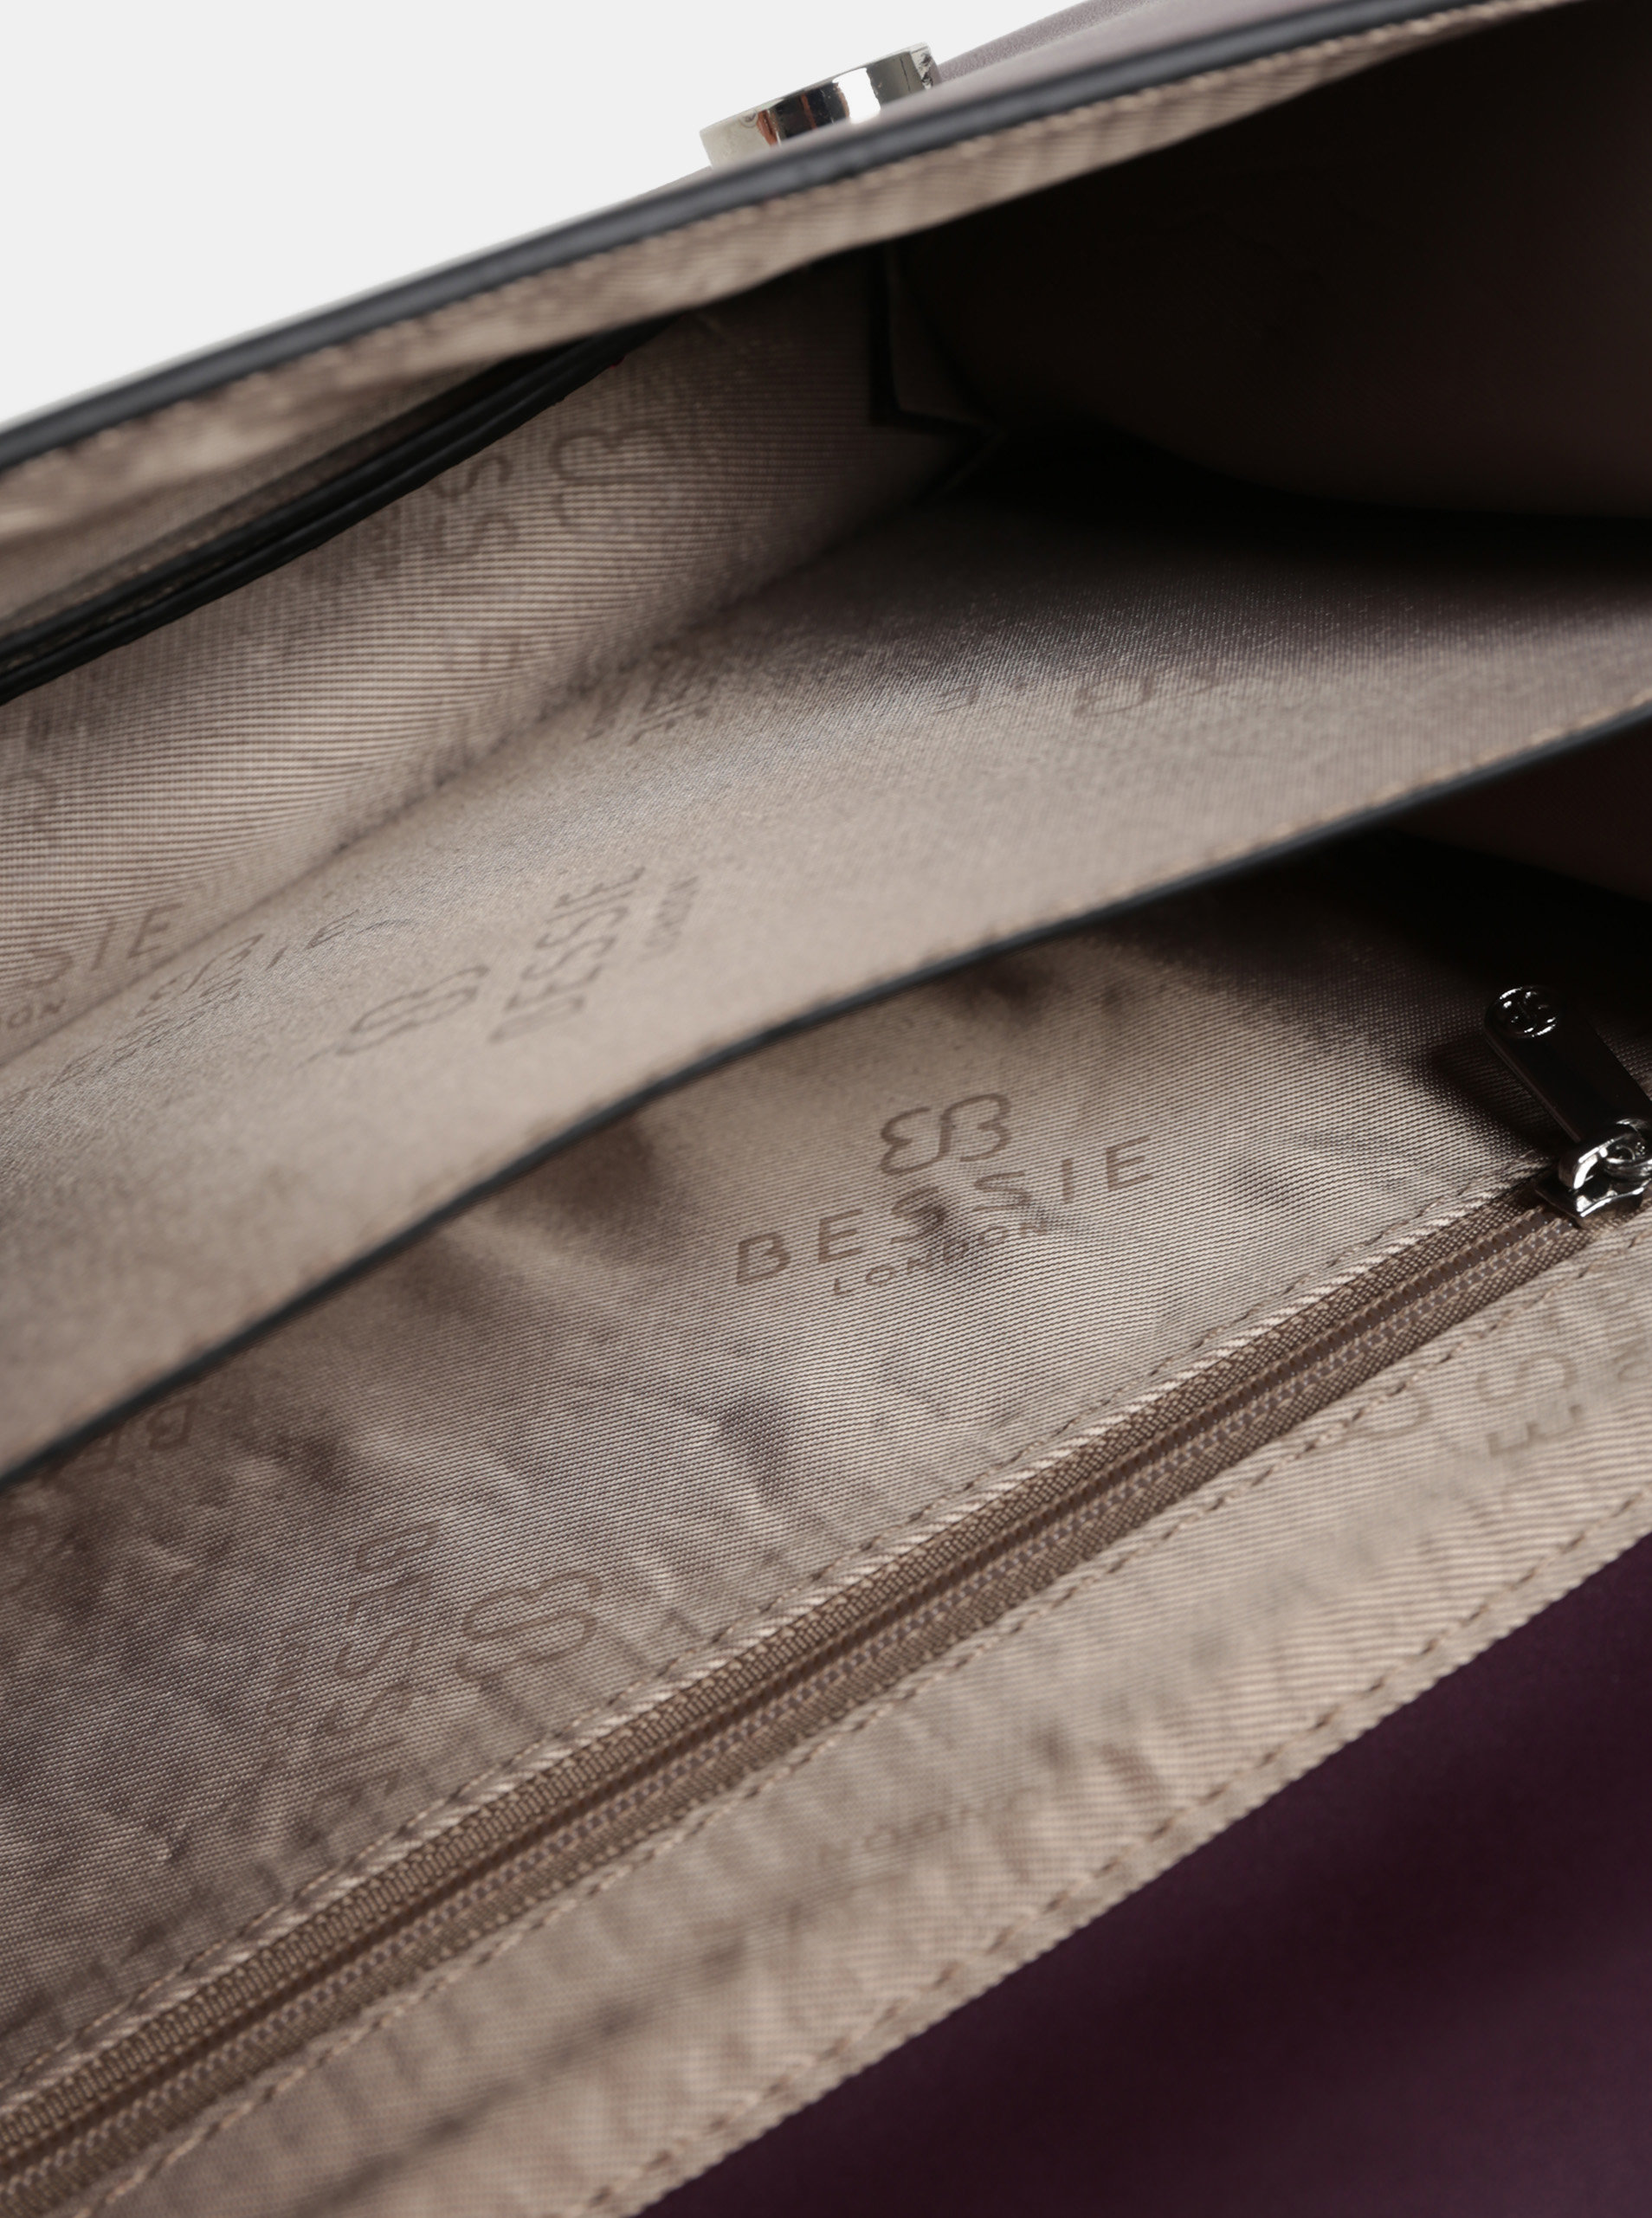 Vínová crossbody kabelka s cvočkami v striebornej farbe a semišovými  detailmi Bessie London ... 8ef2340cc60